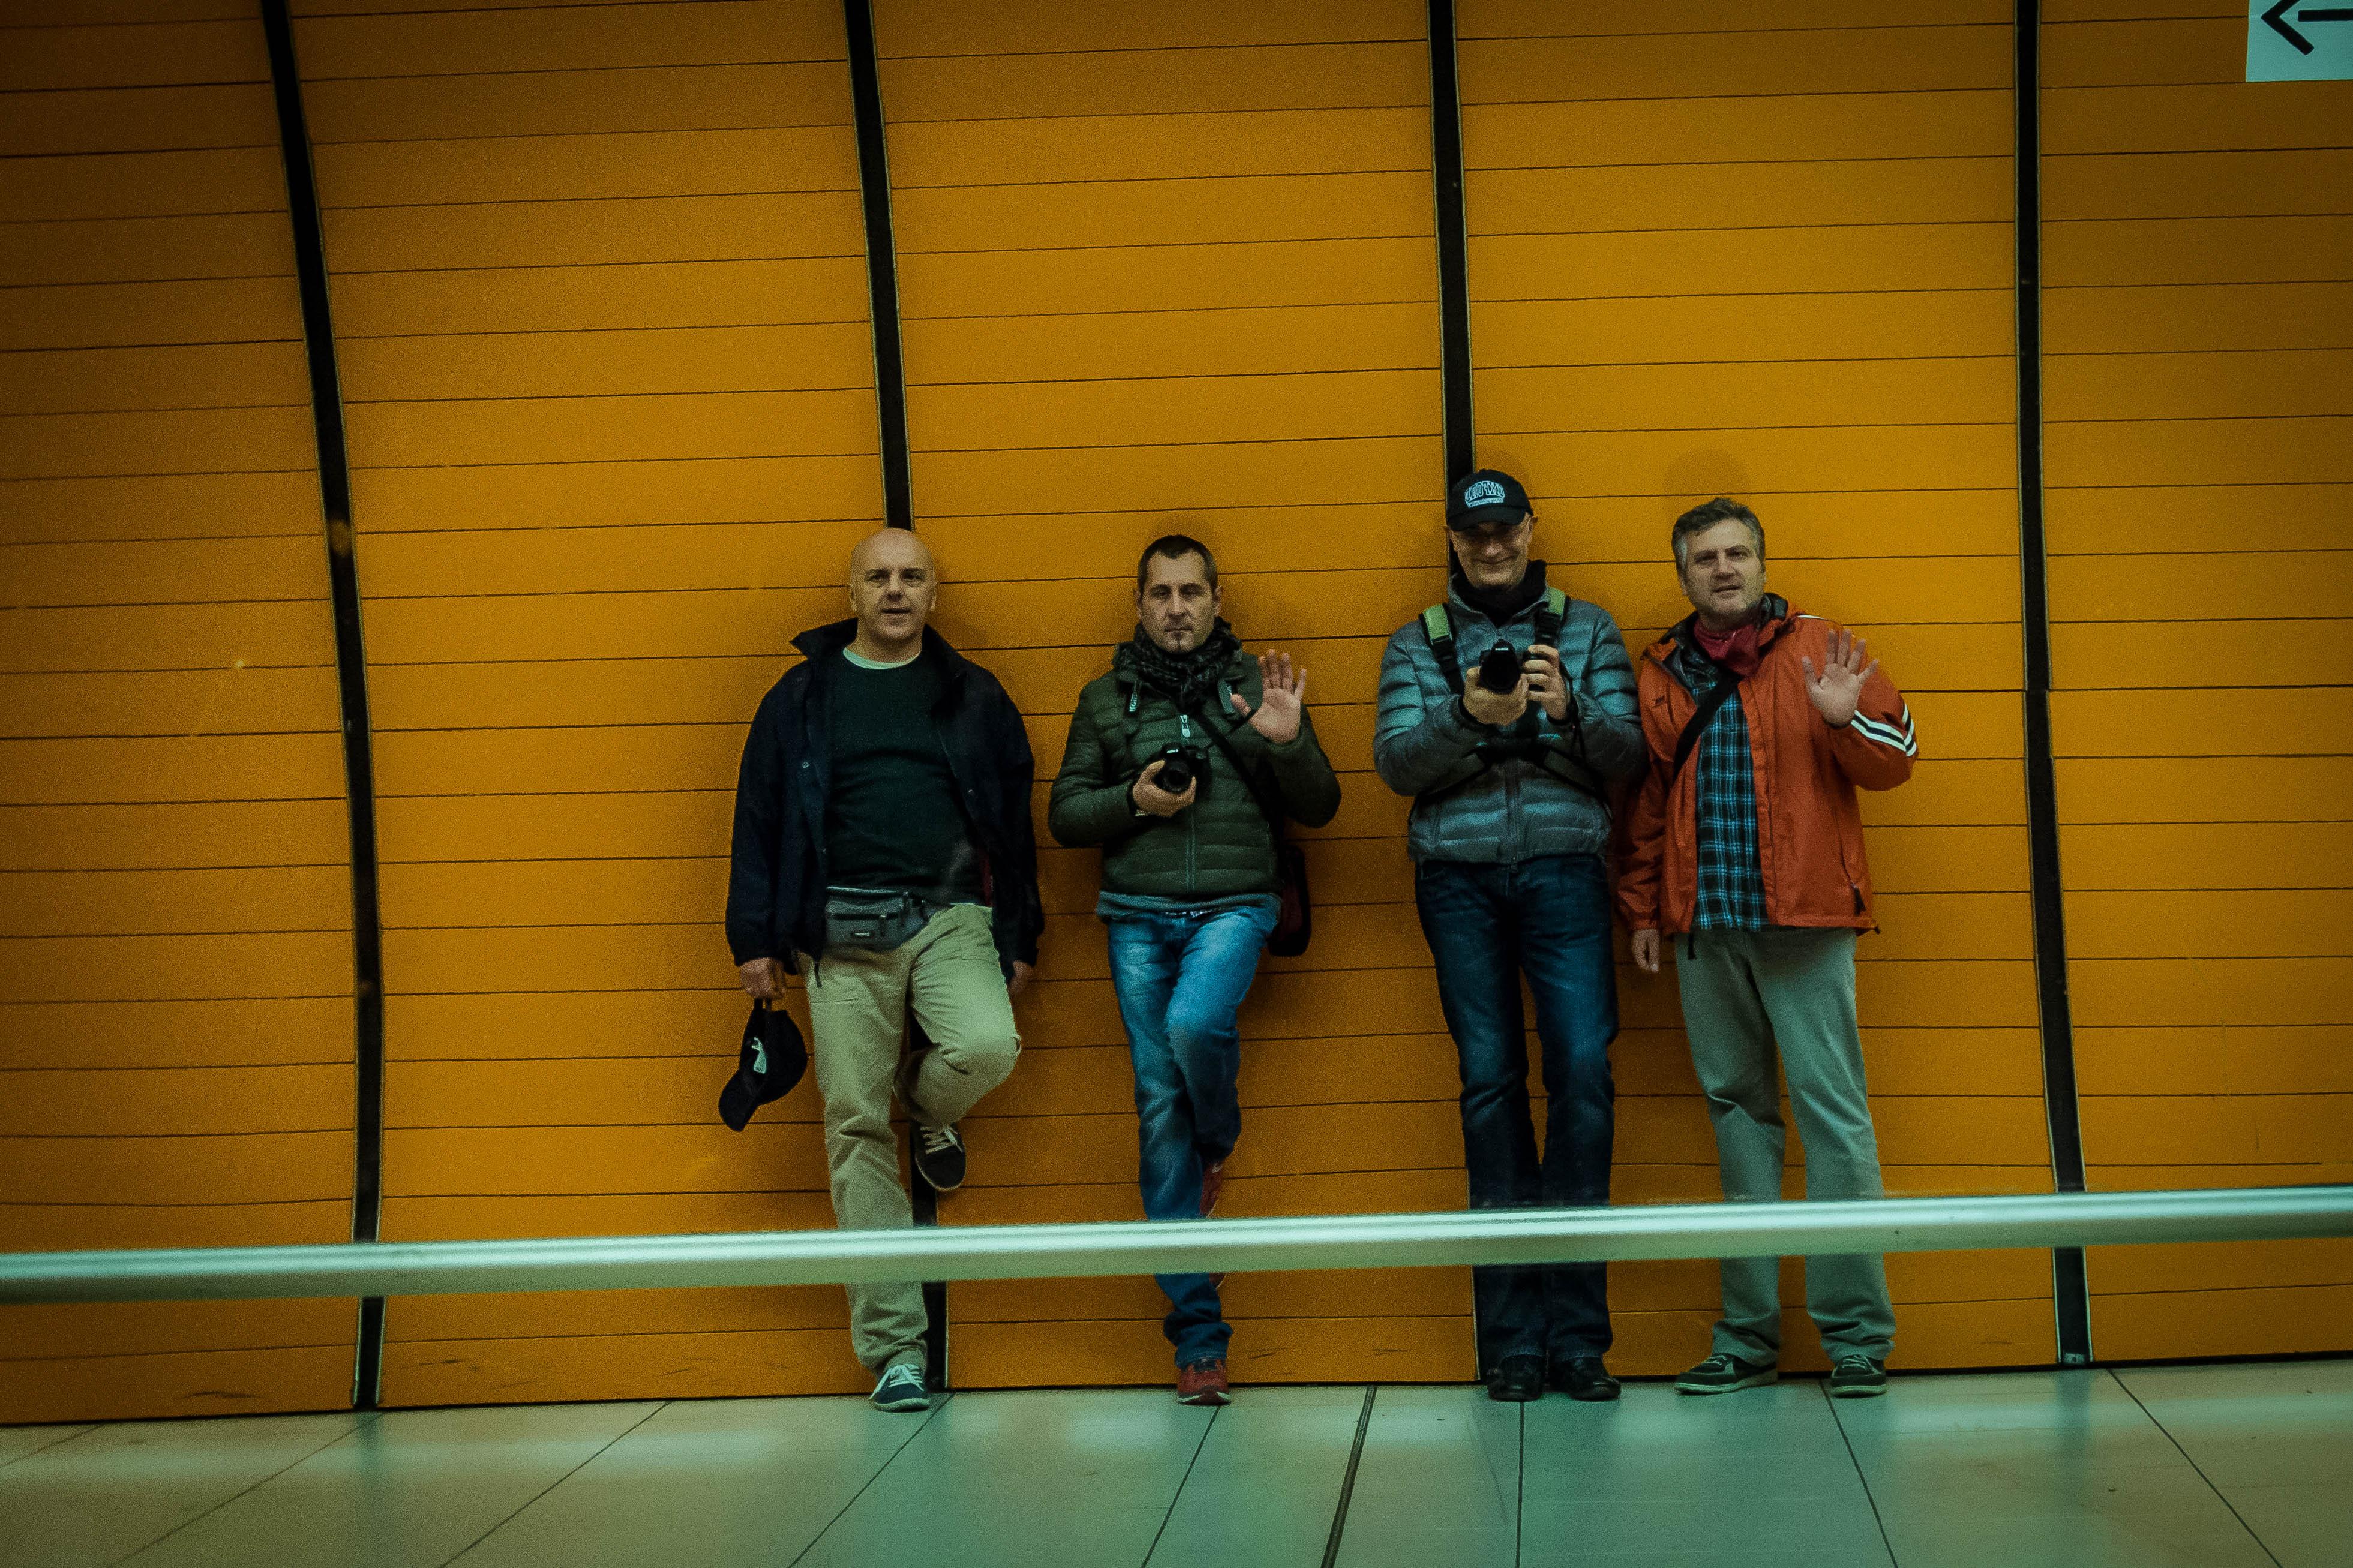 Flickr - Uomini di un gruppo musicale mai esistito,ma sarebbe la nostra copertin